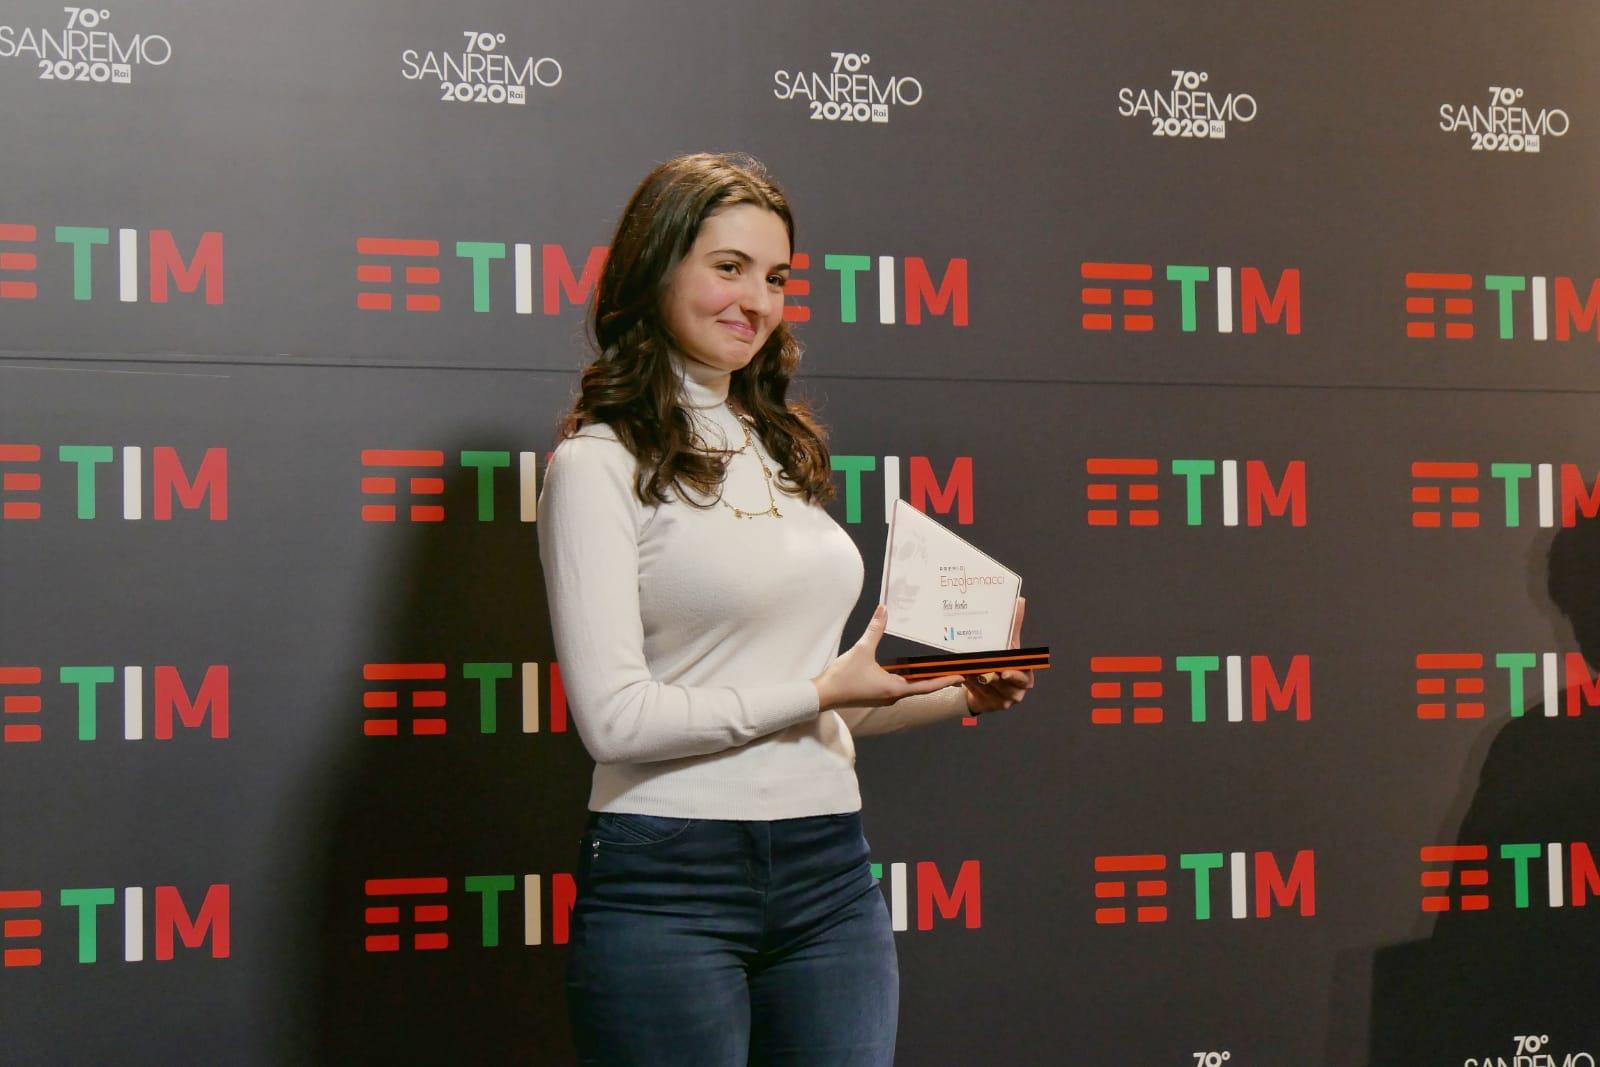 Sanremo: Tecla ha vinto il Premio Enzo Jannacci 2020